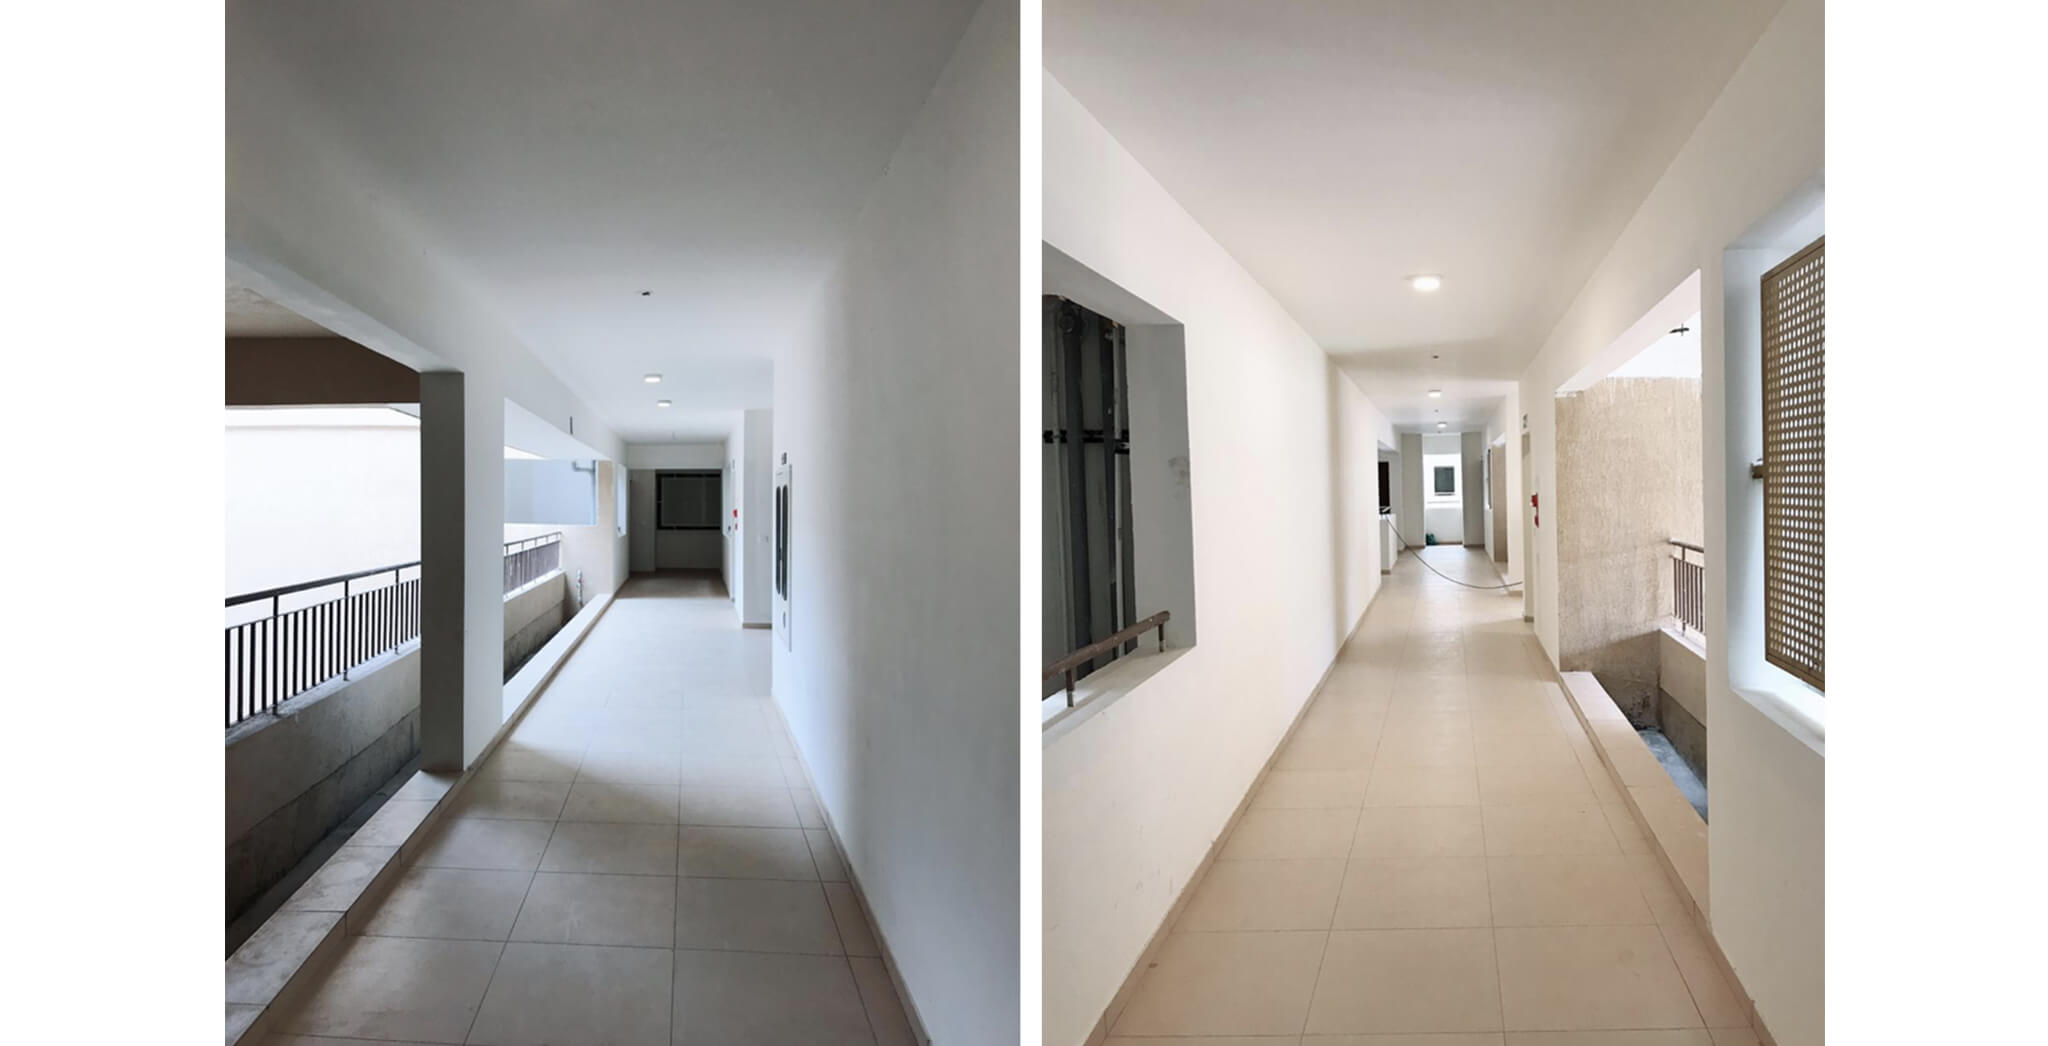 Nov 2019 - Deodar—C block: Corridor–Final coat of paint work-in-progress